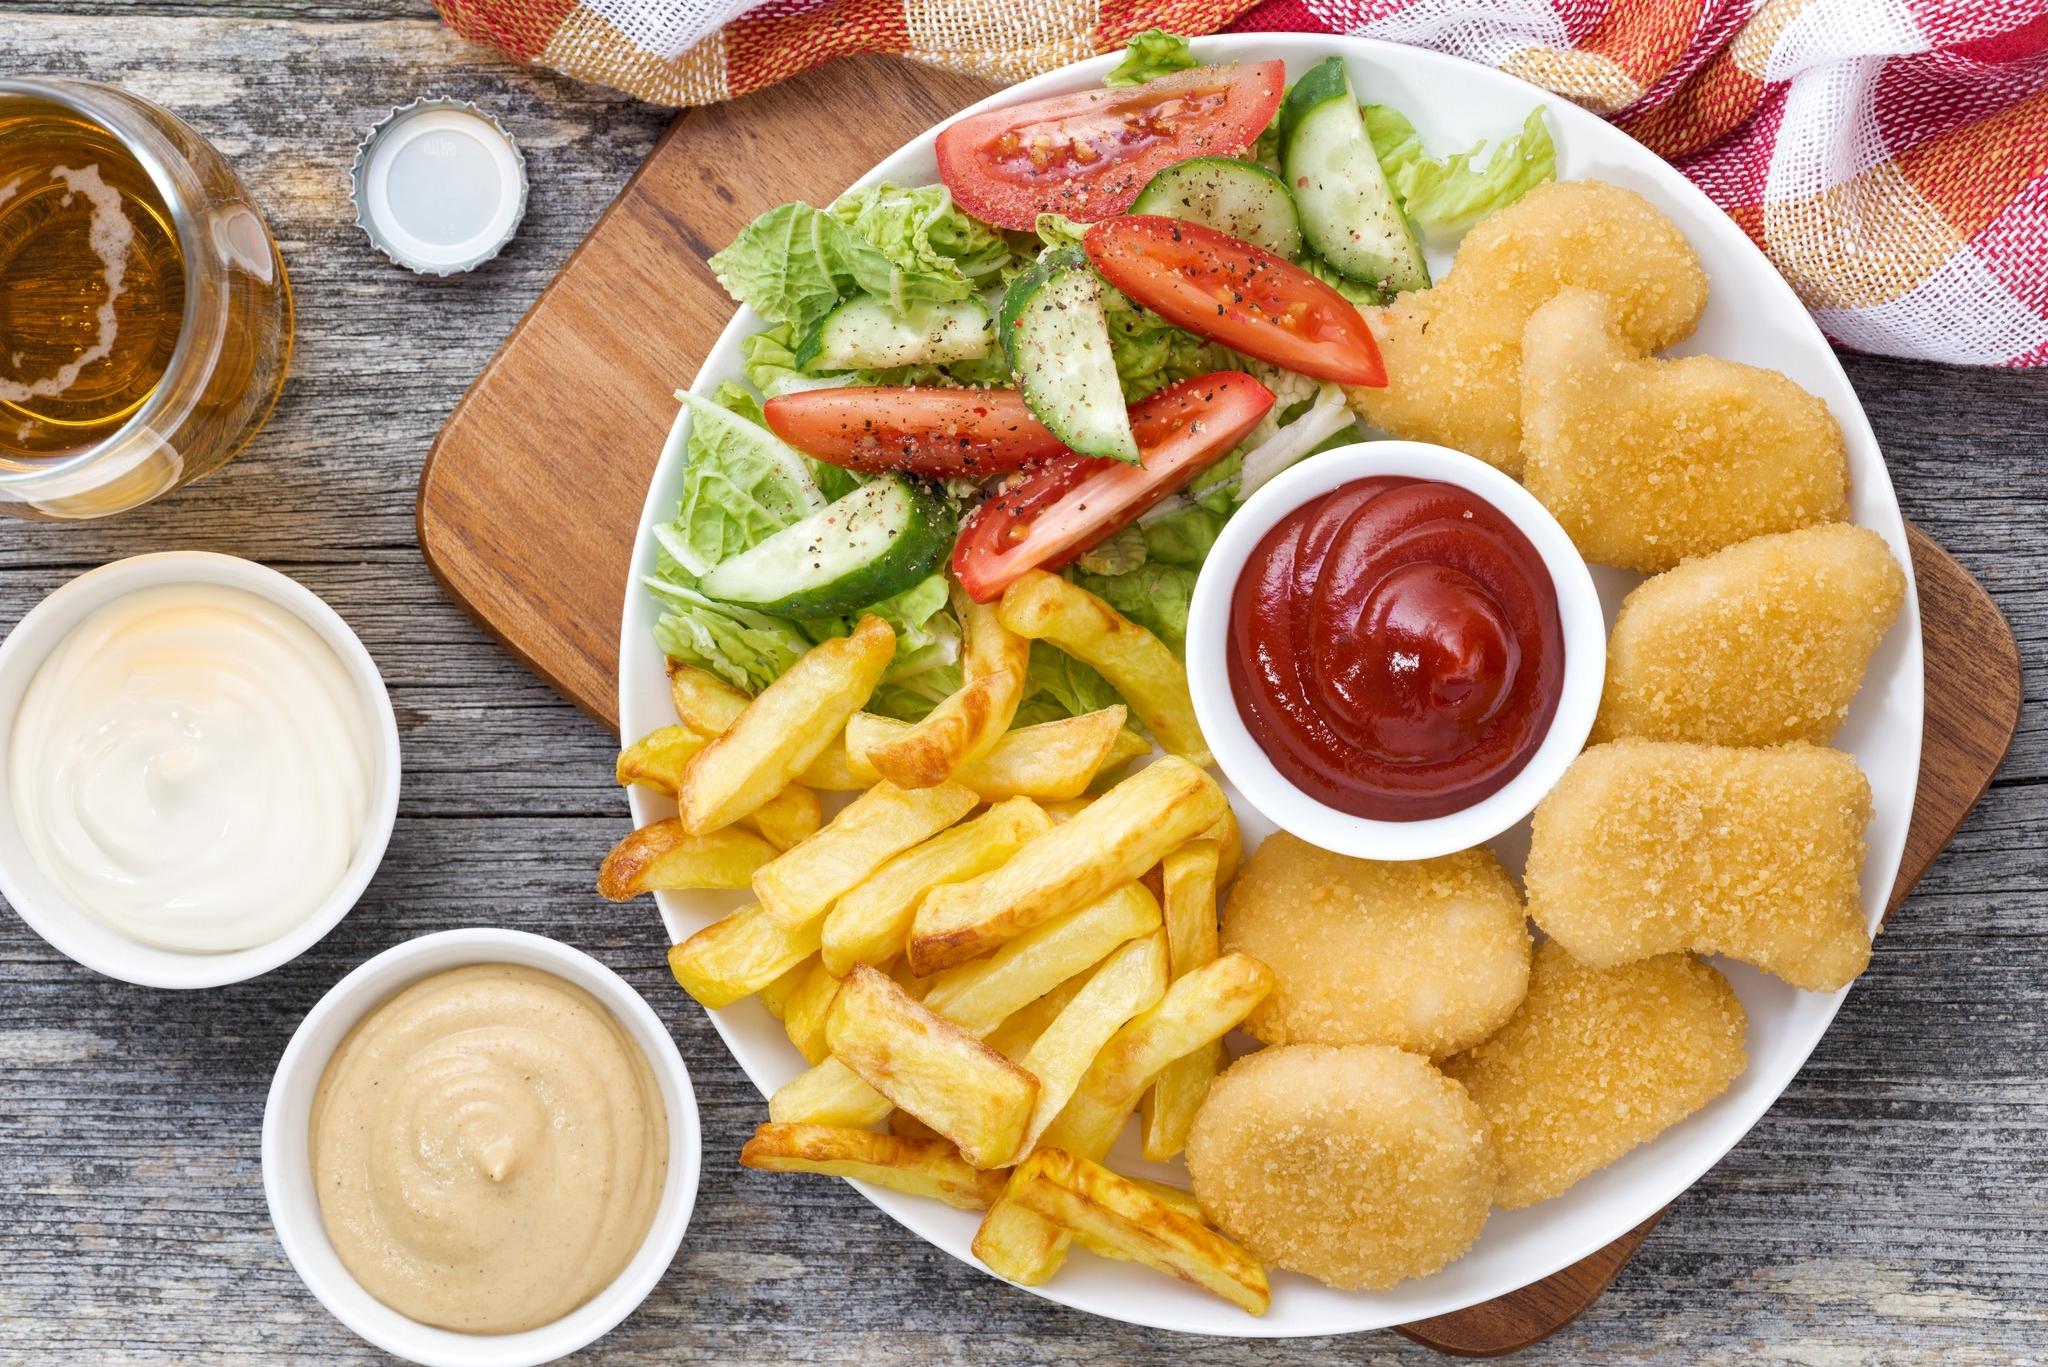 еда котлеты картошка салат бесплатно